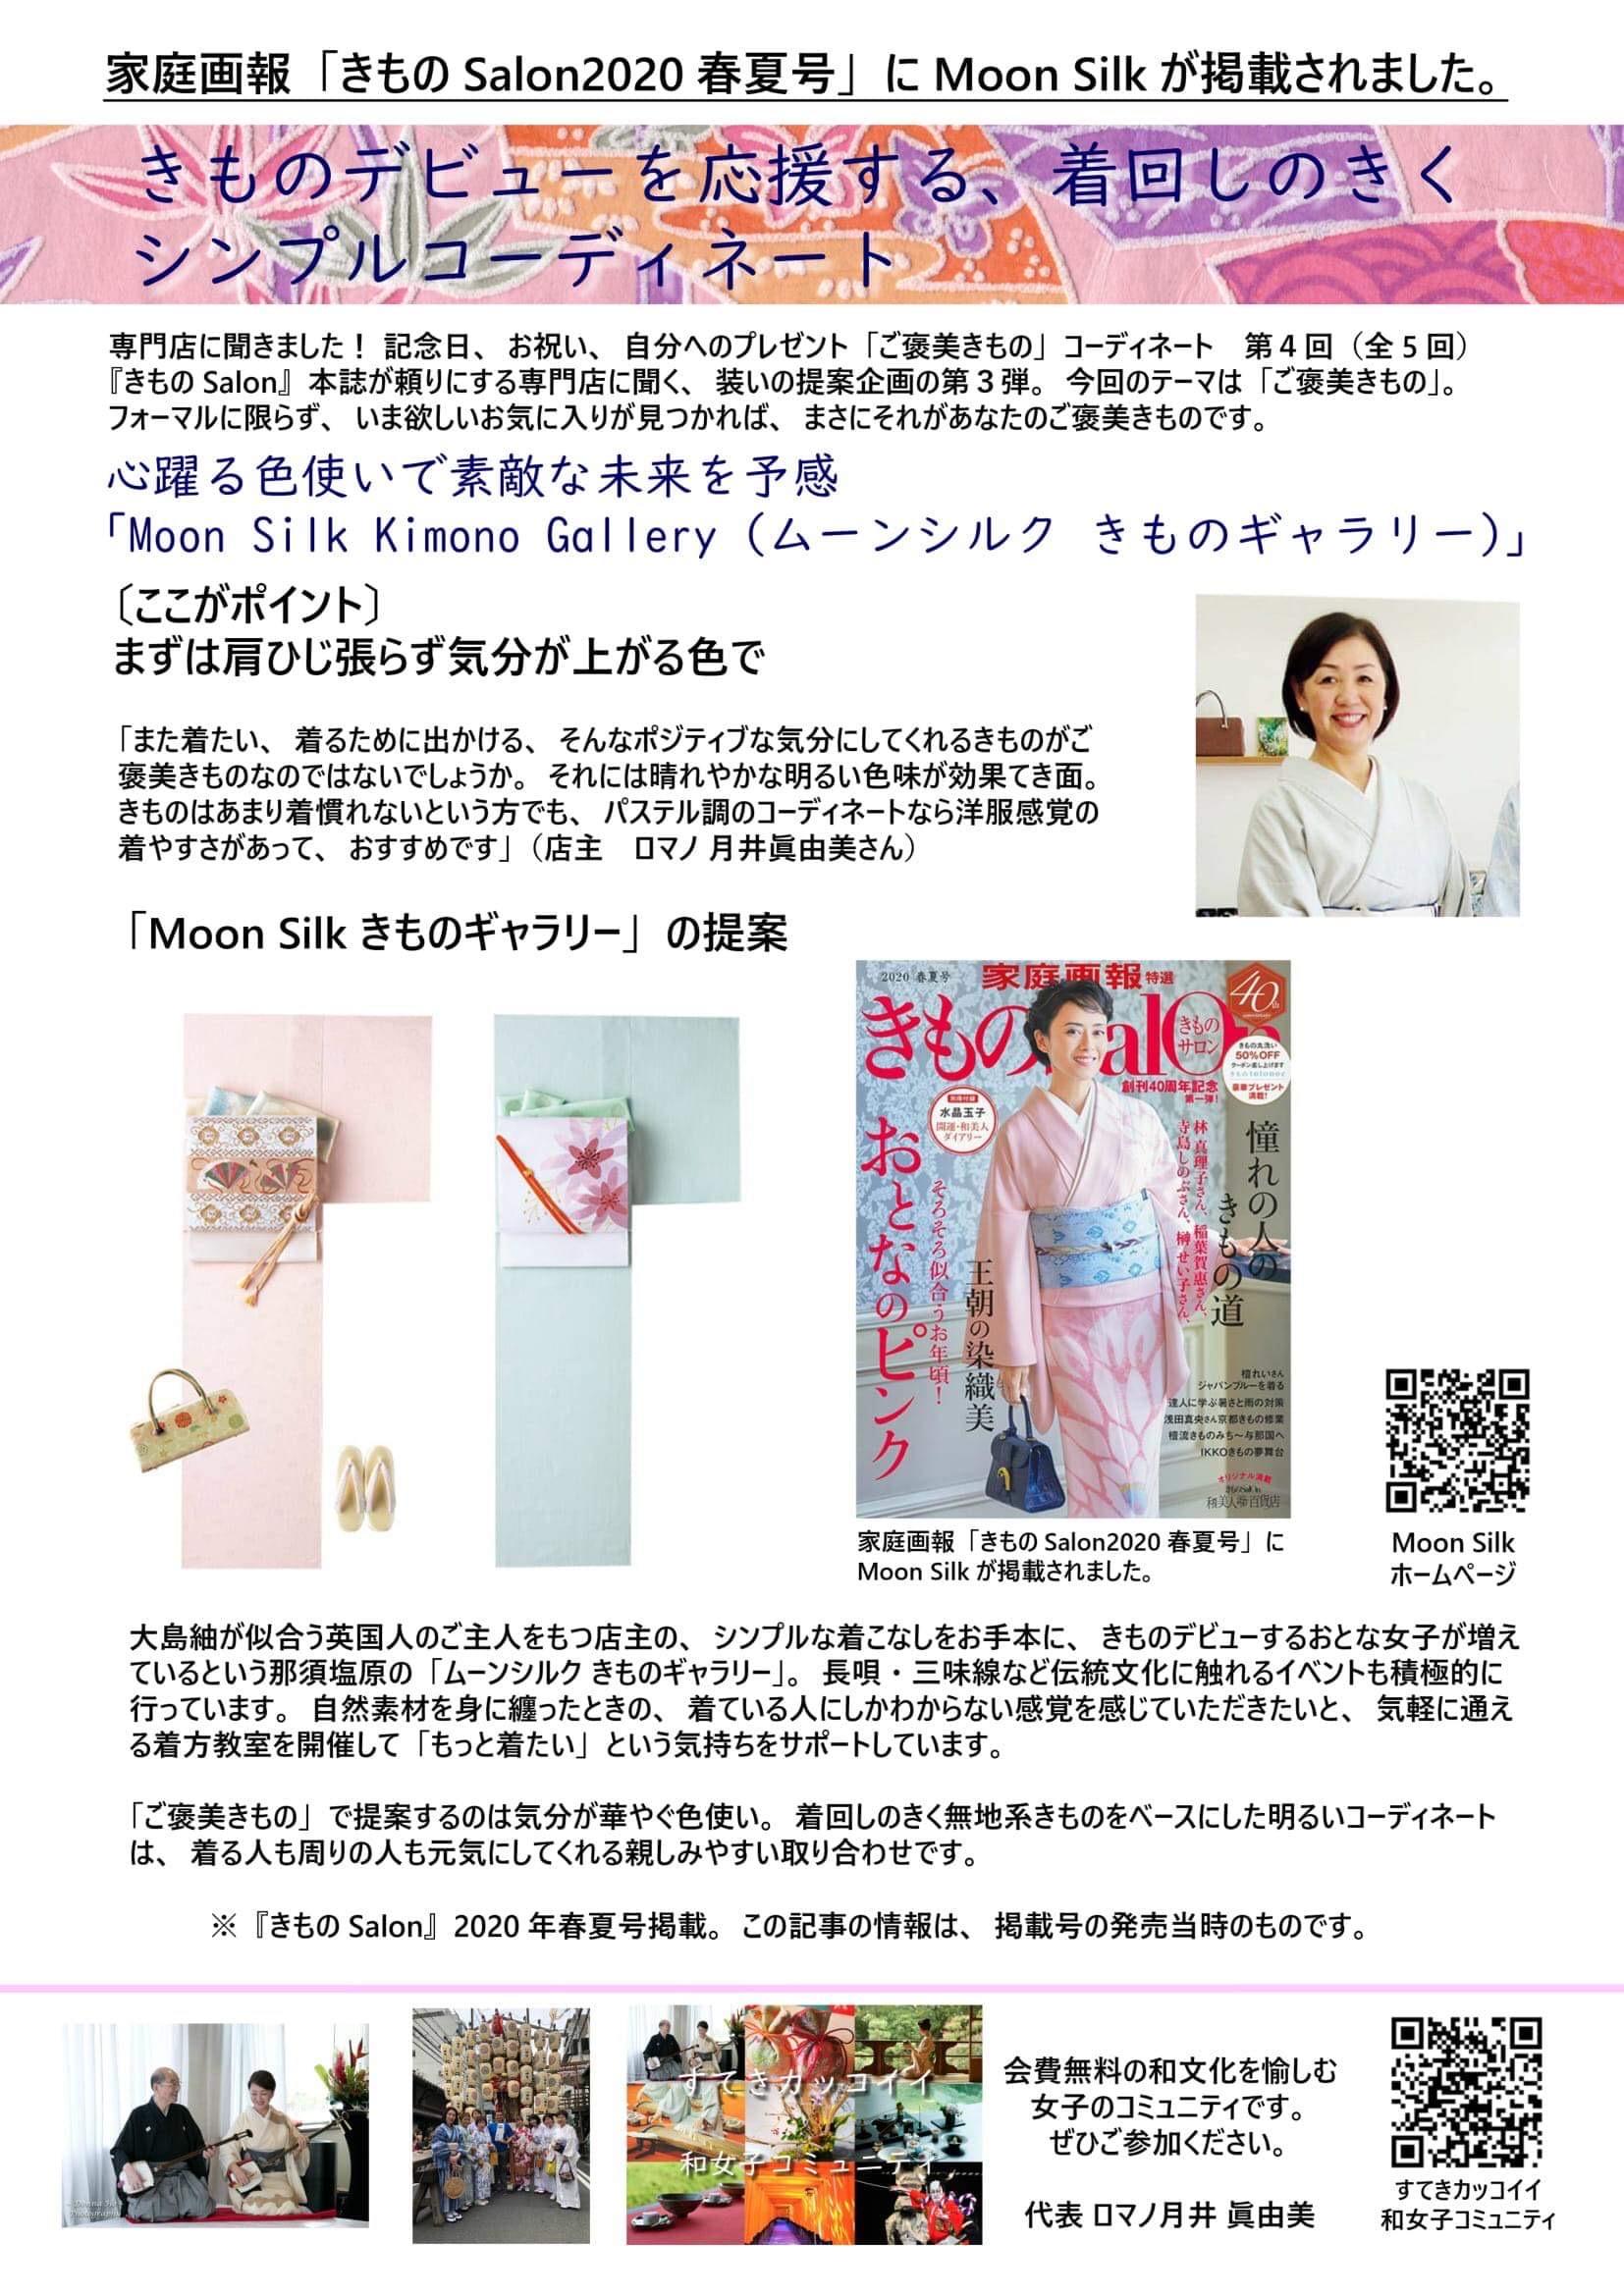 きもの Salon 2020 春夏号に掲載されました!!